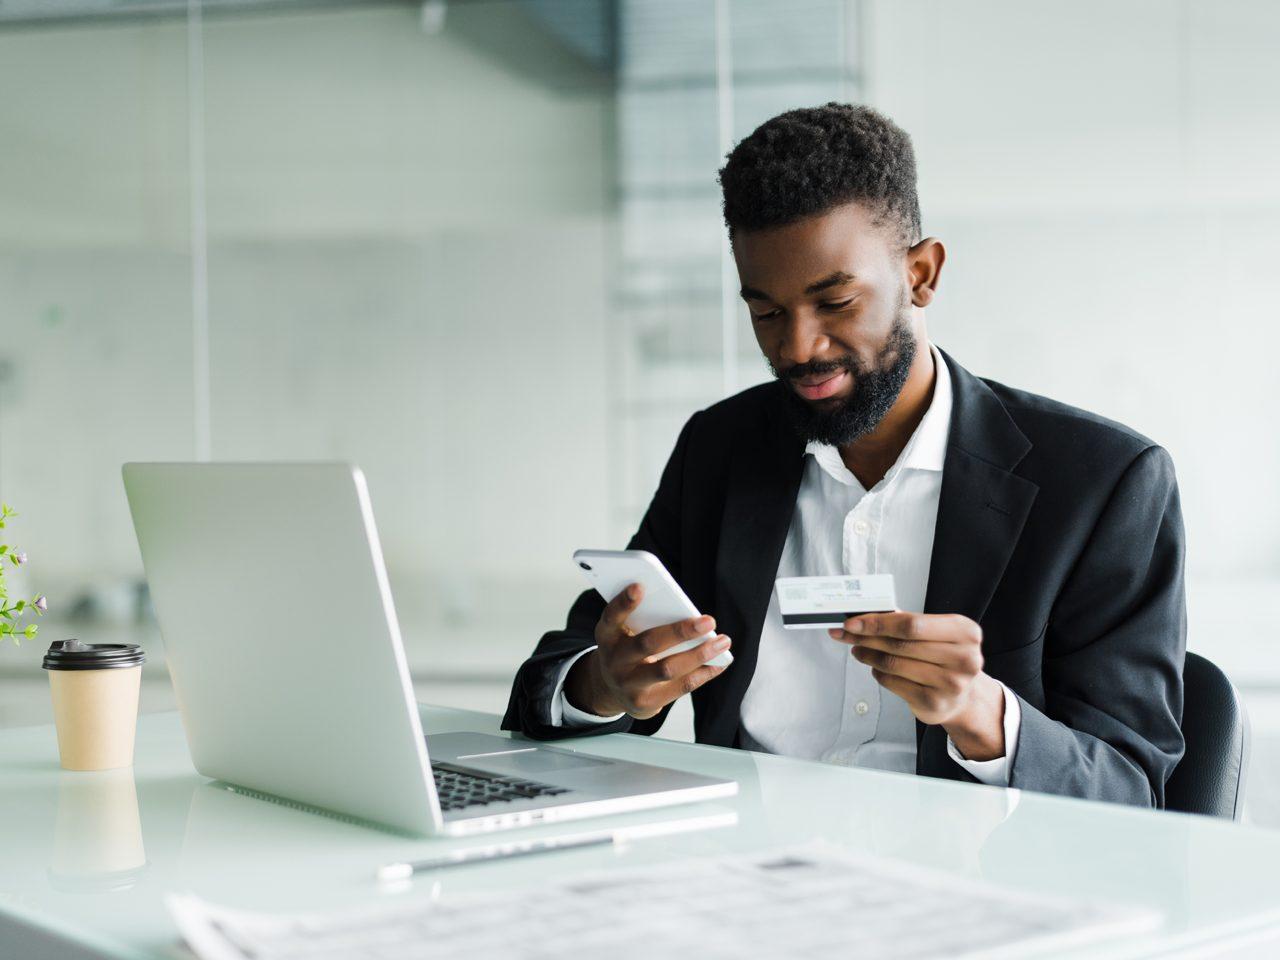 homem segurando cartão e celular, representando investimentos cartão de crédito